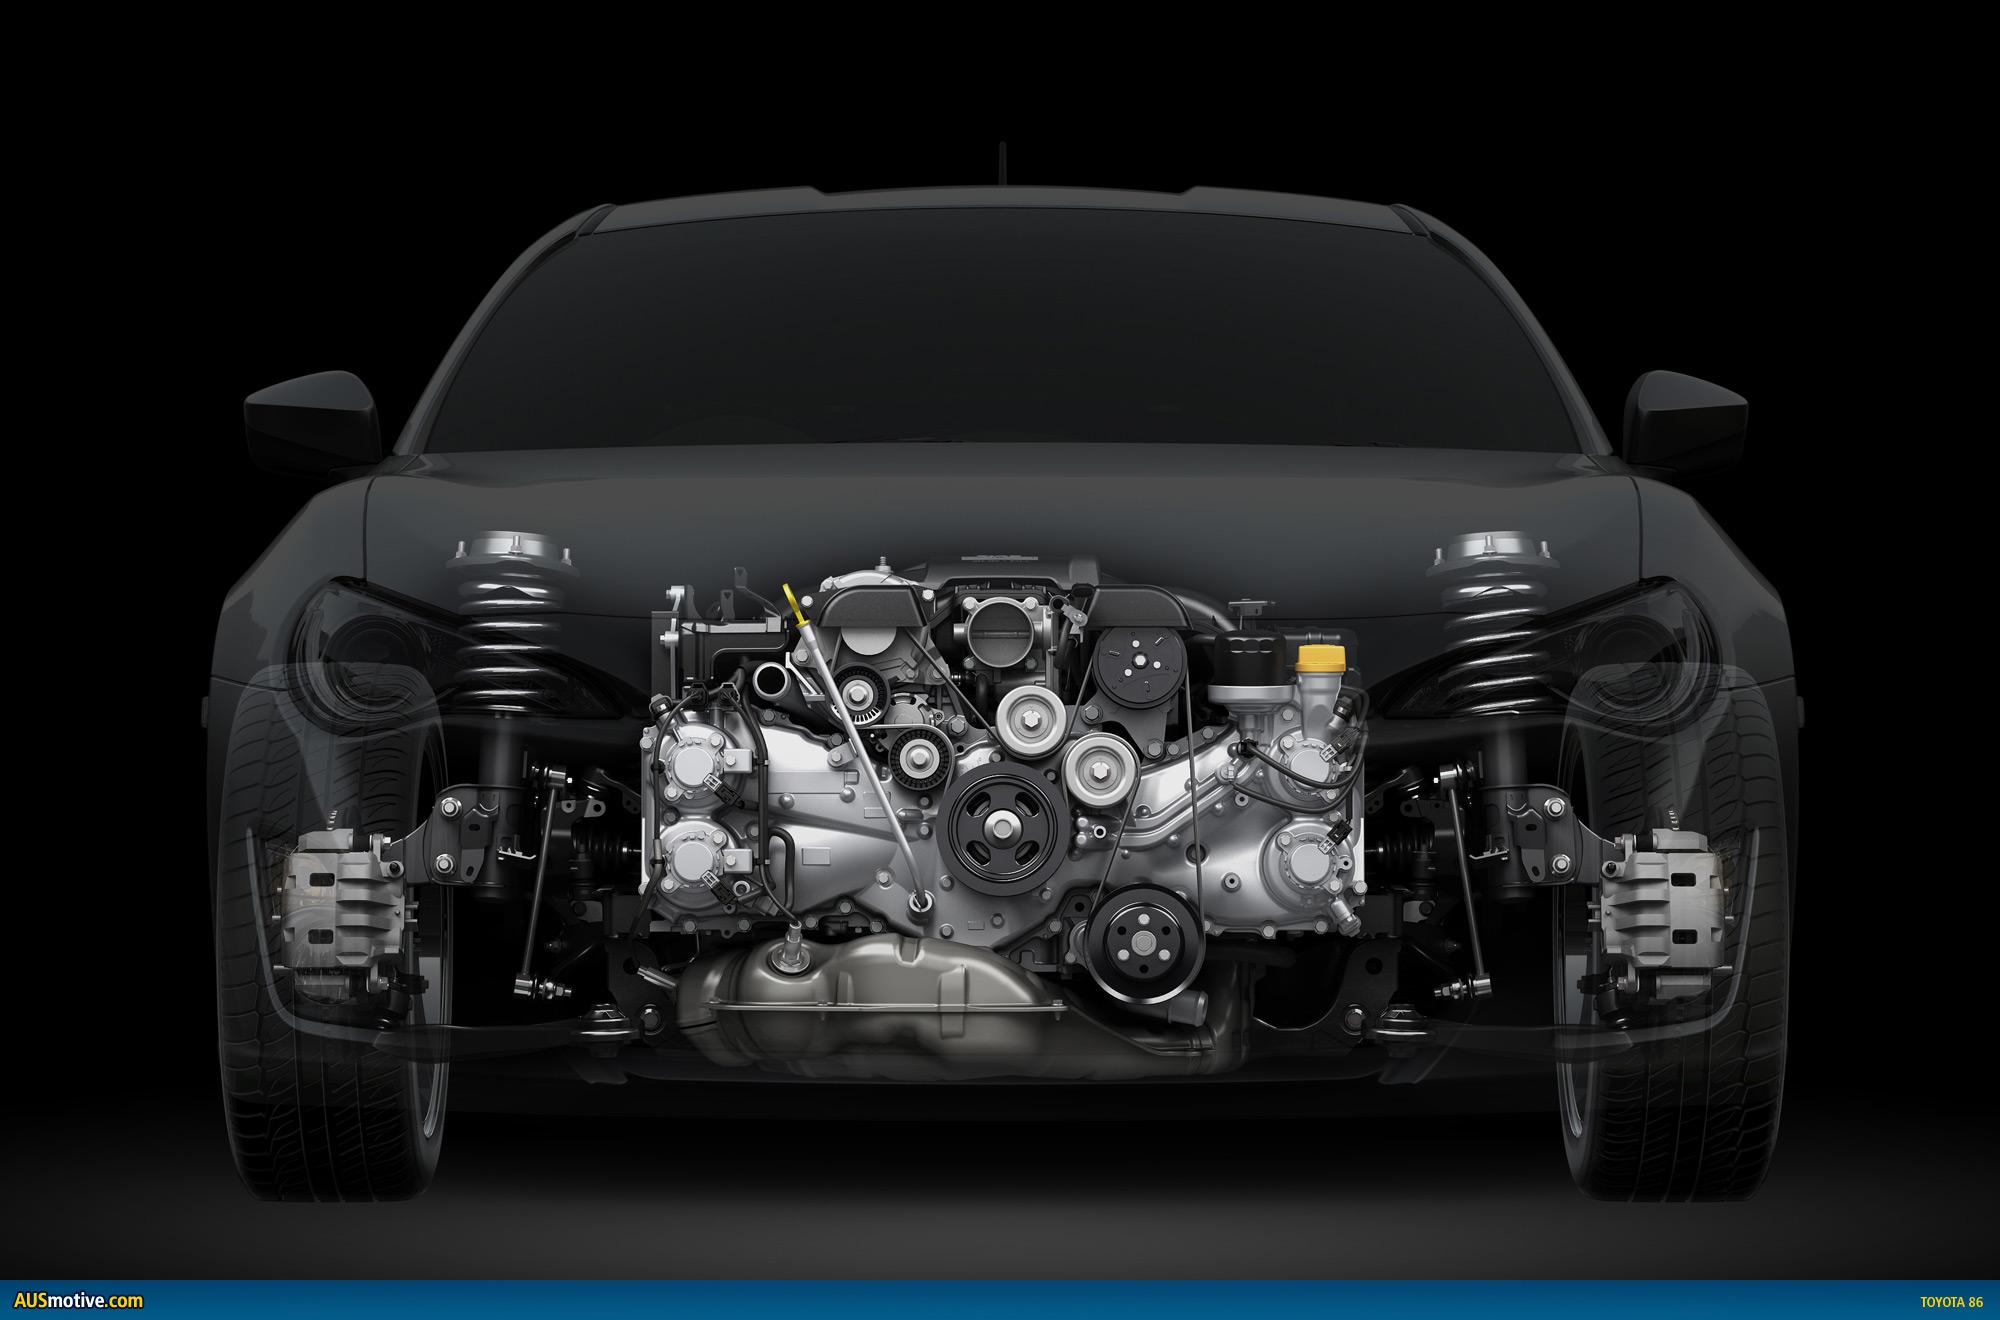 AUSmotive.com » A closer look at the Toyota 86